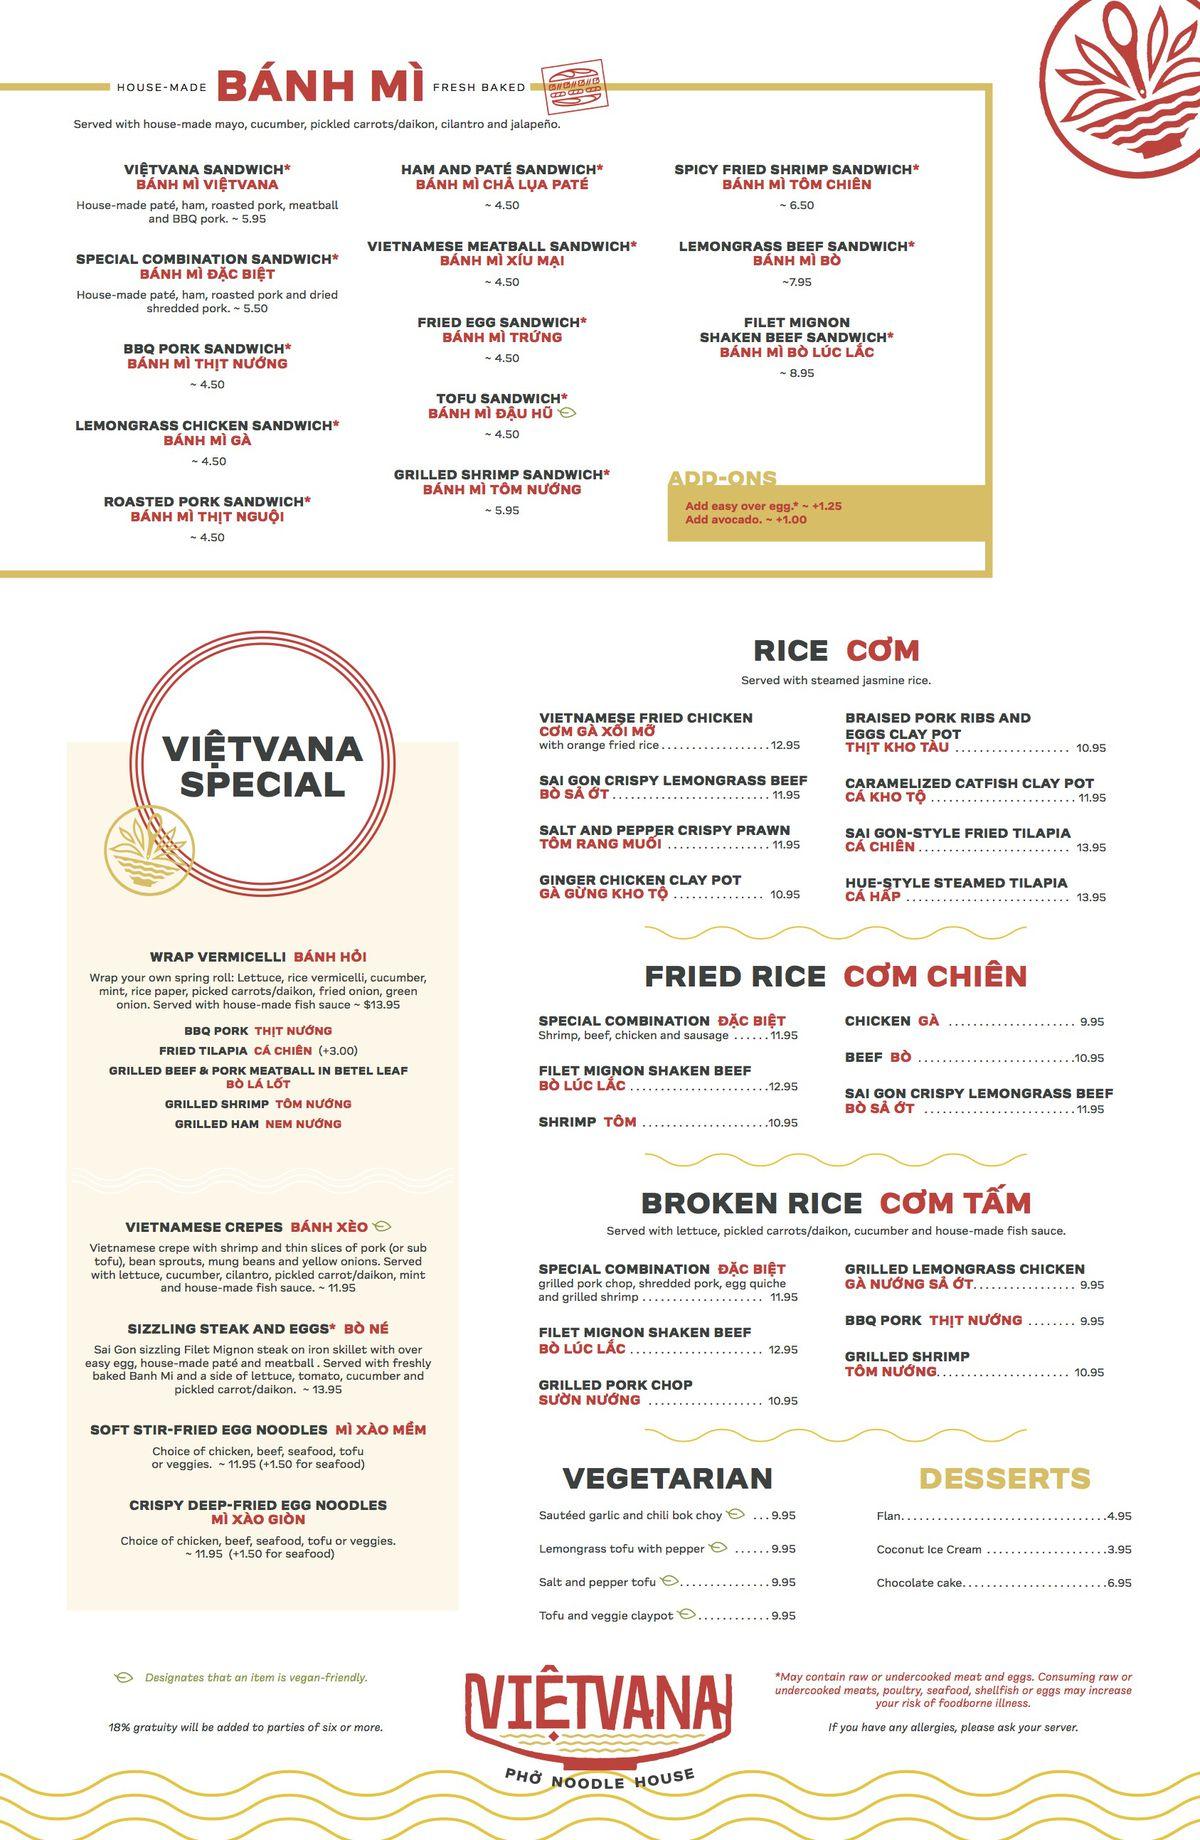 Banh mi, specials, com, com chien, com tam, dessert menu